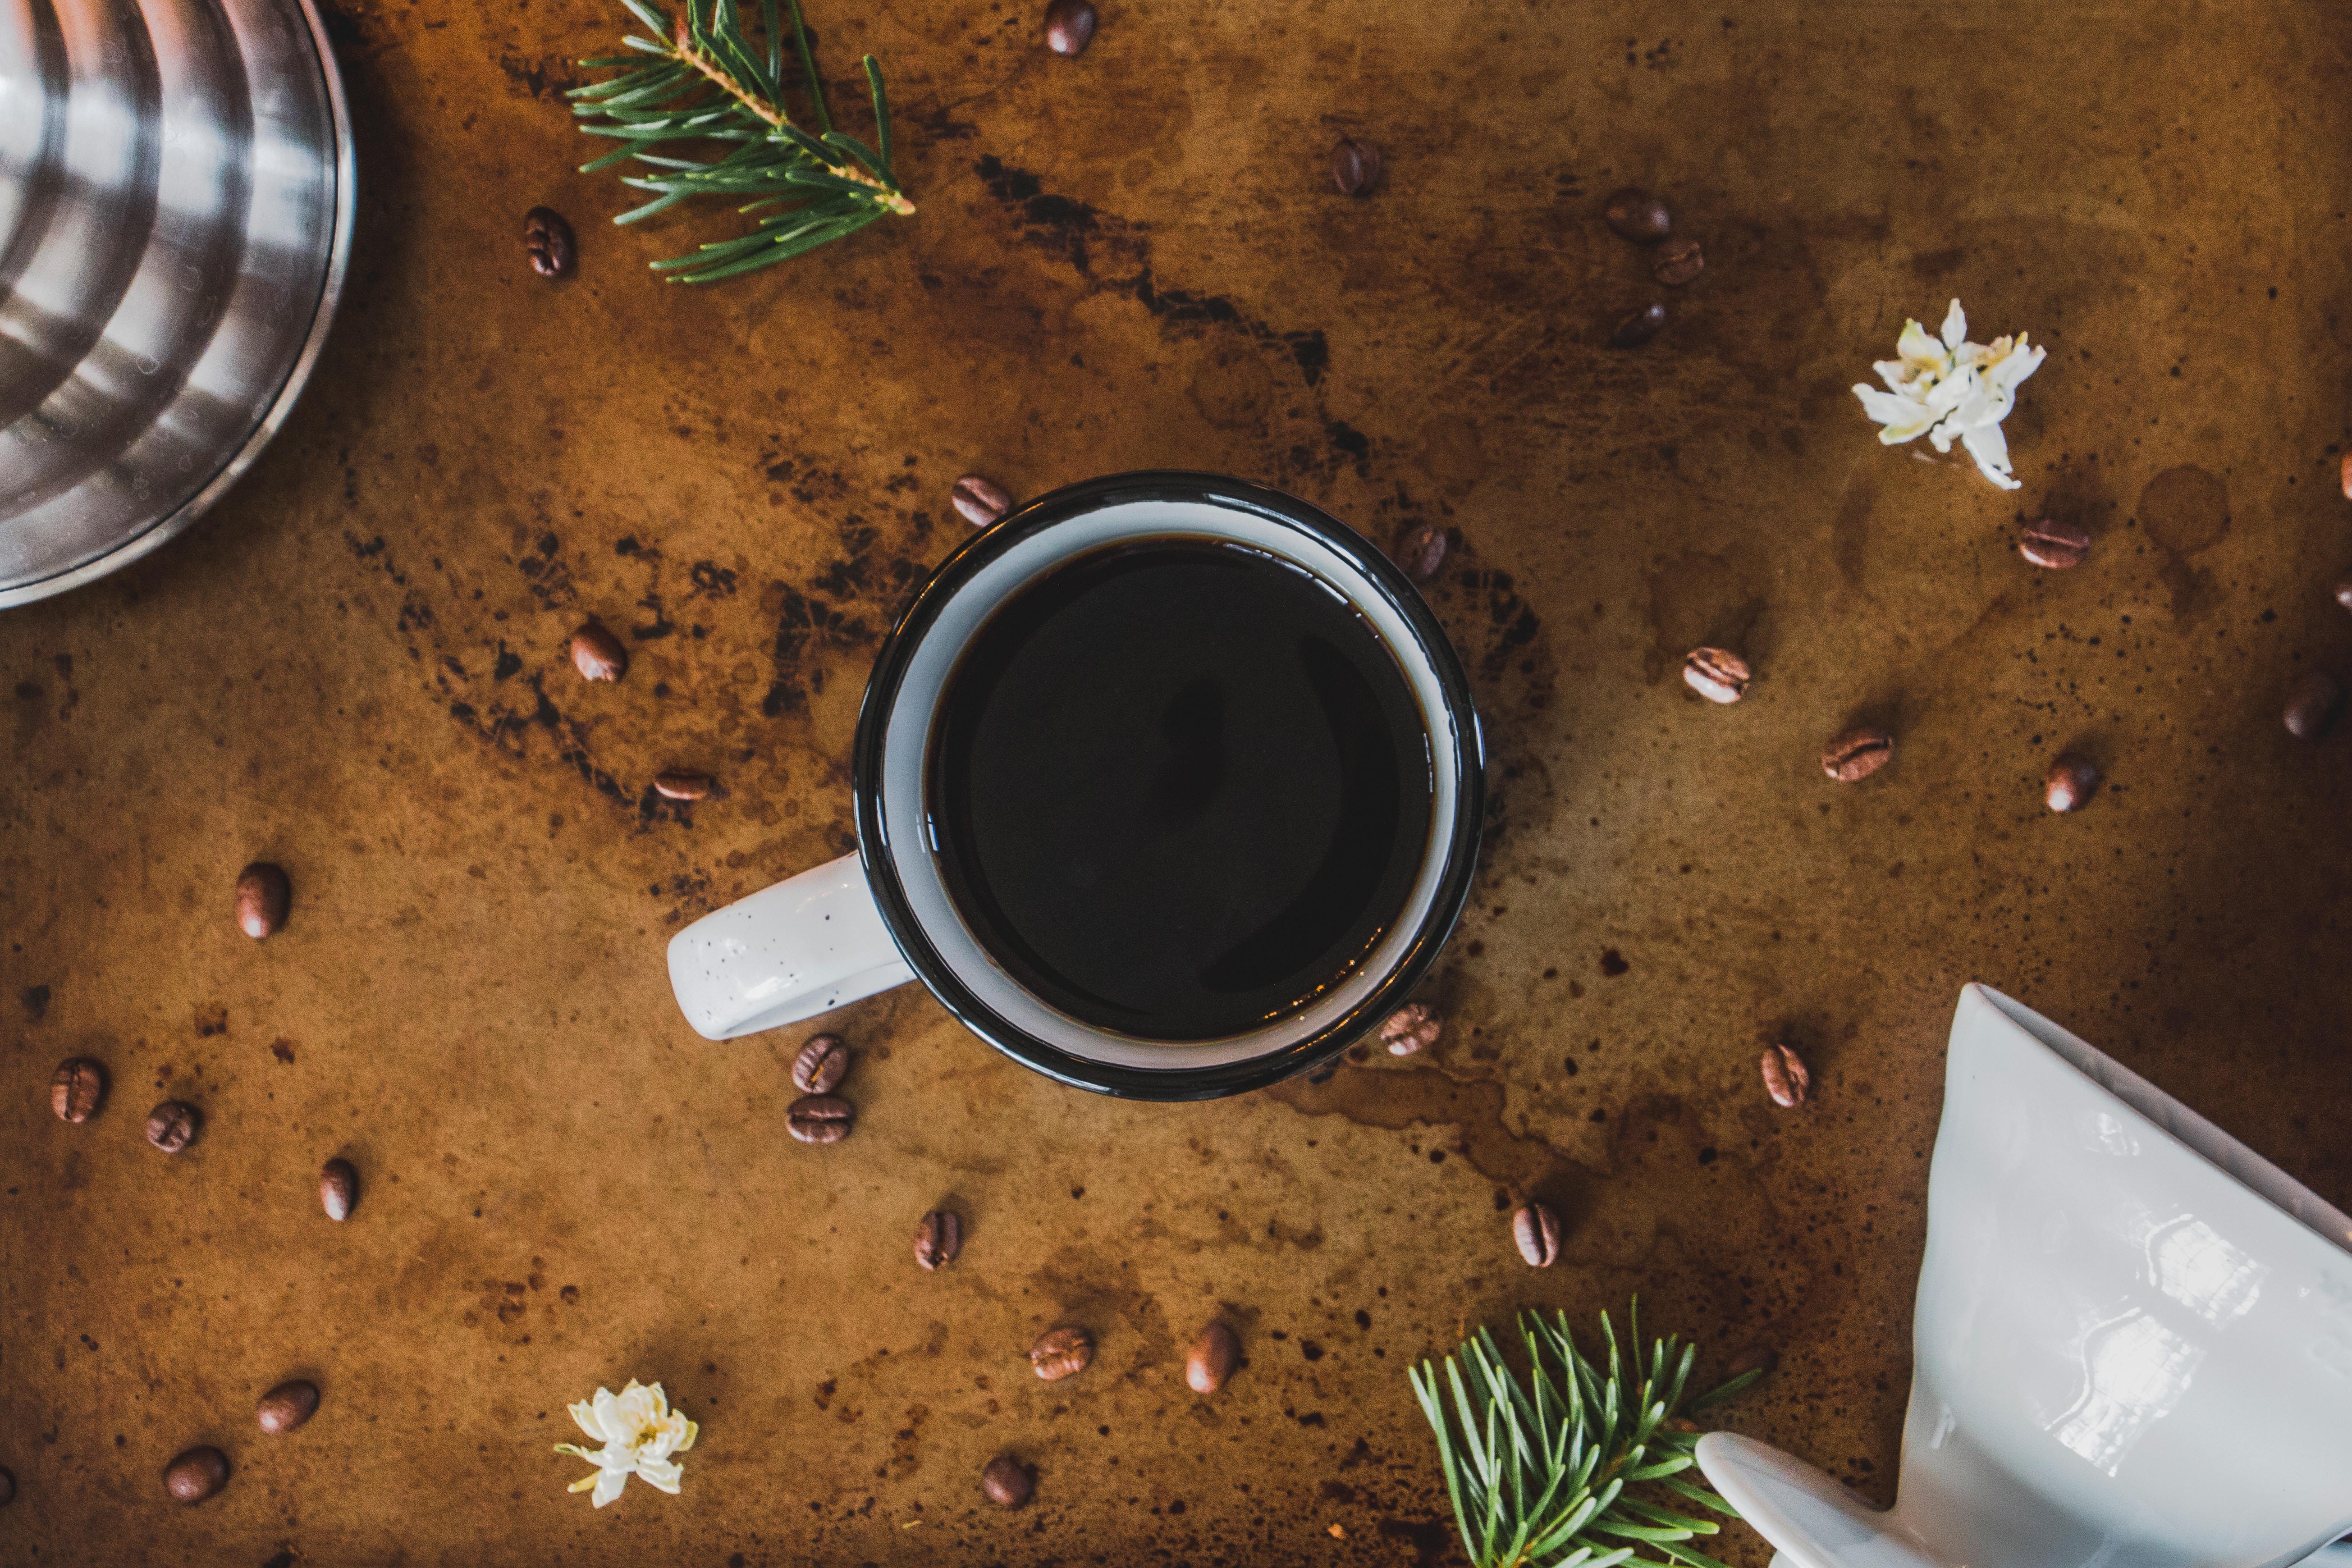 black liquid in white and black ceramic mug